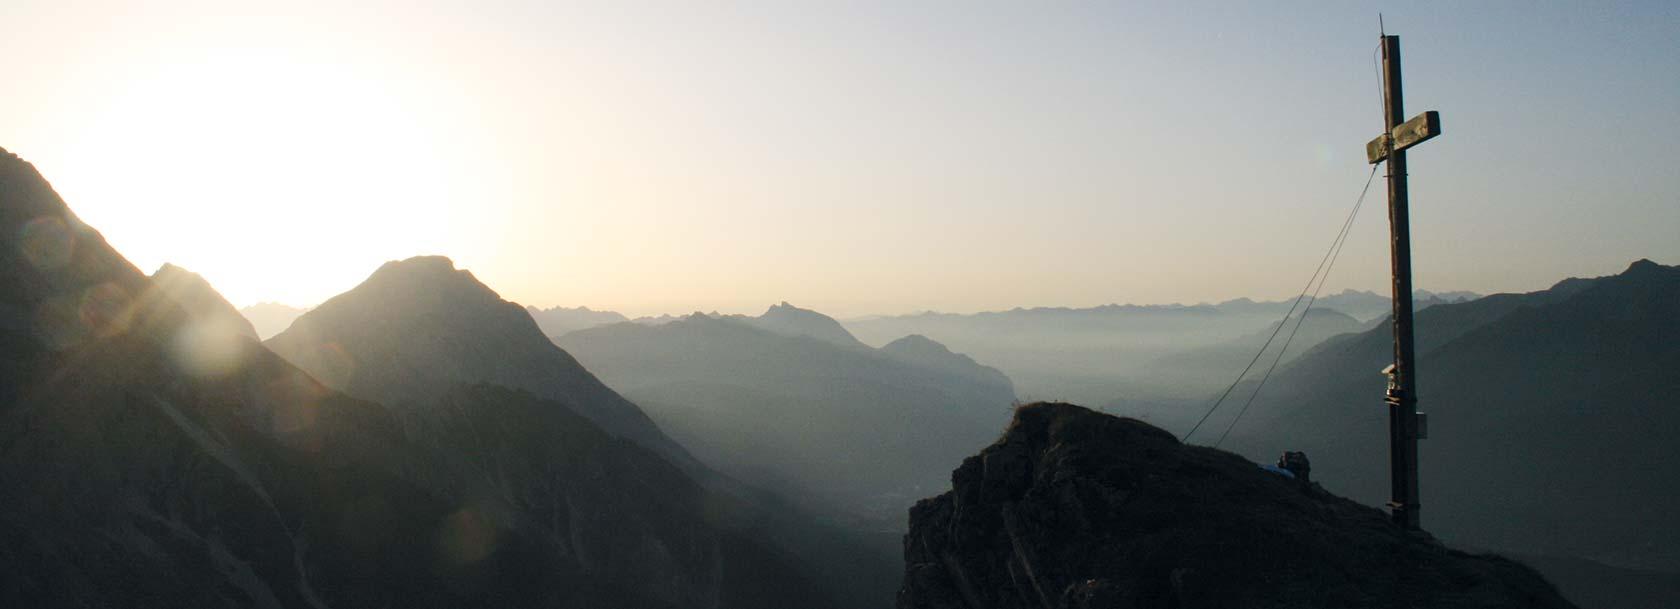 Sonnenaufgang auf der Wankspitze in Obsteig